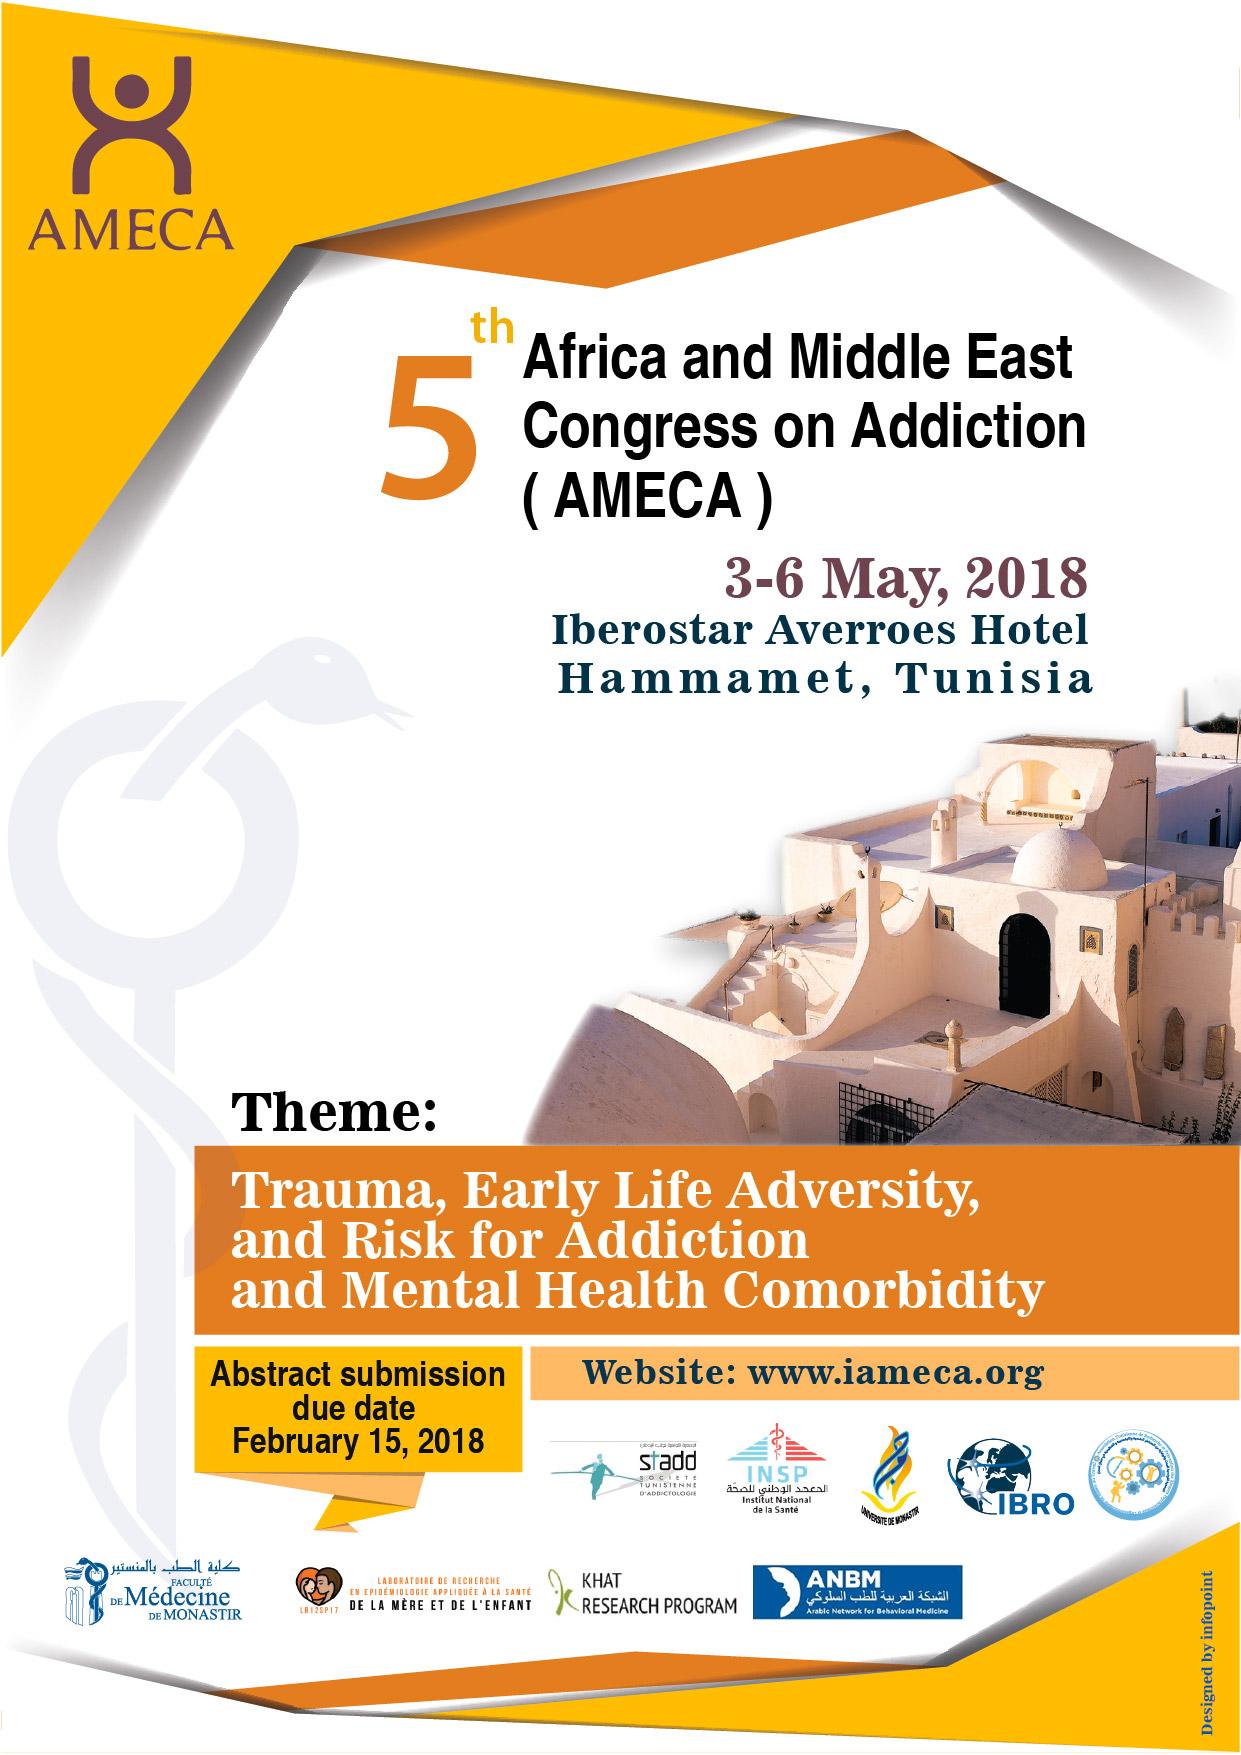 ameca-flyer-2018